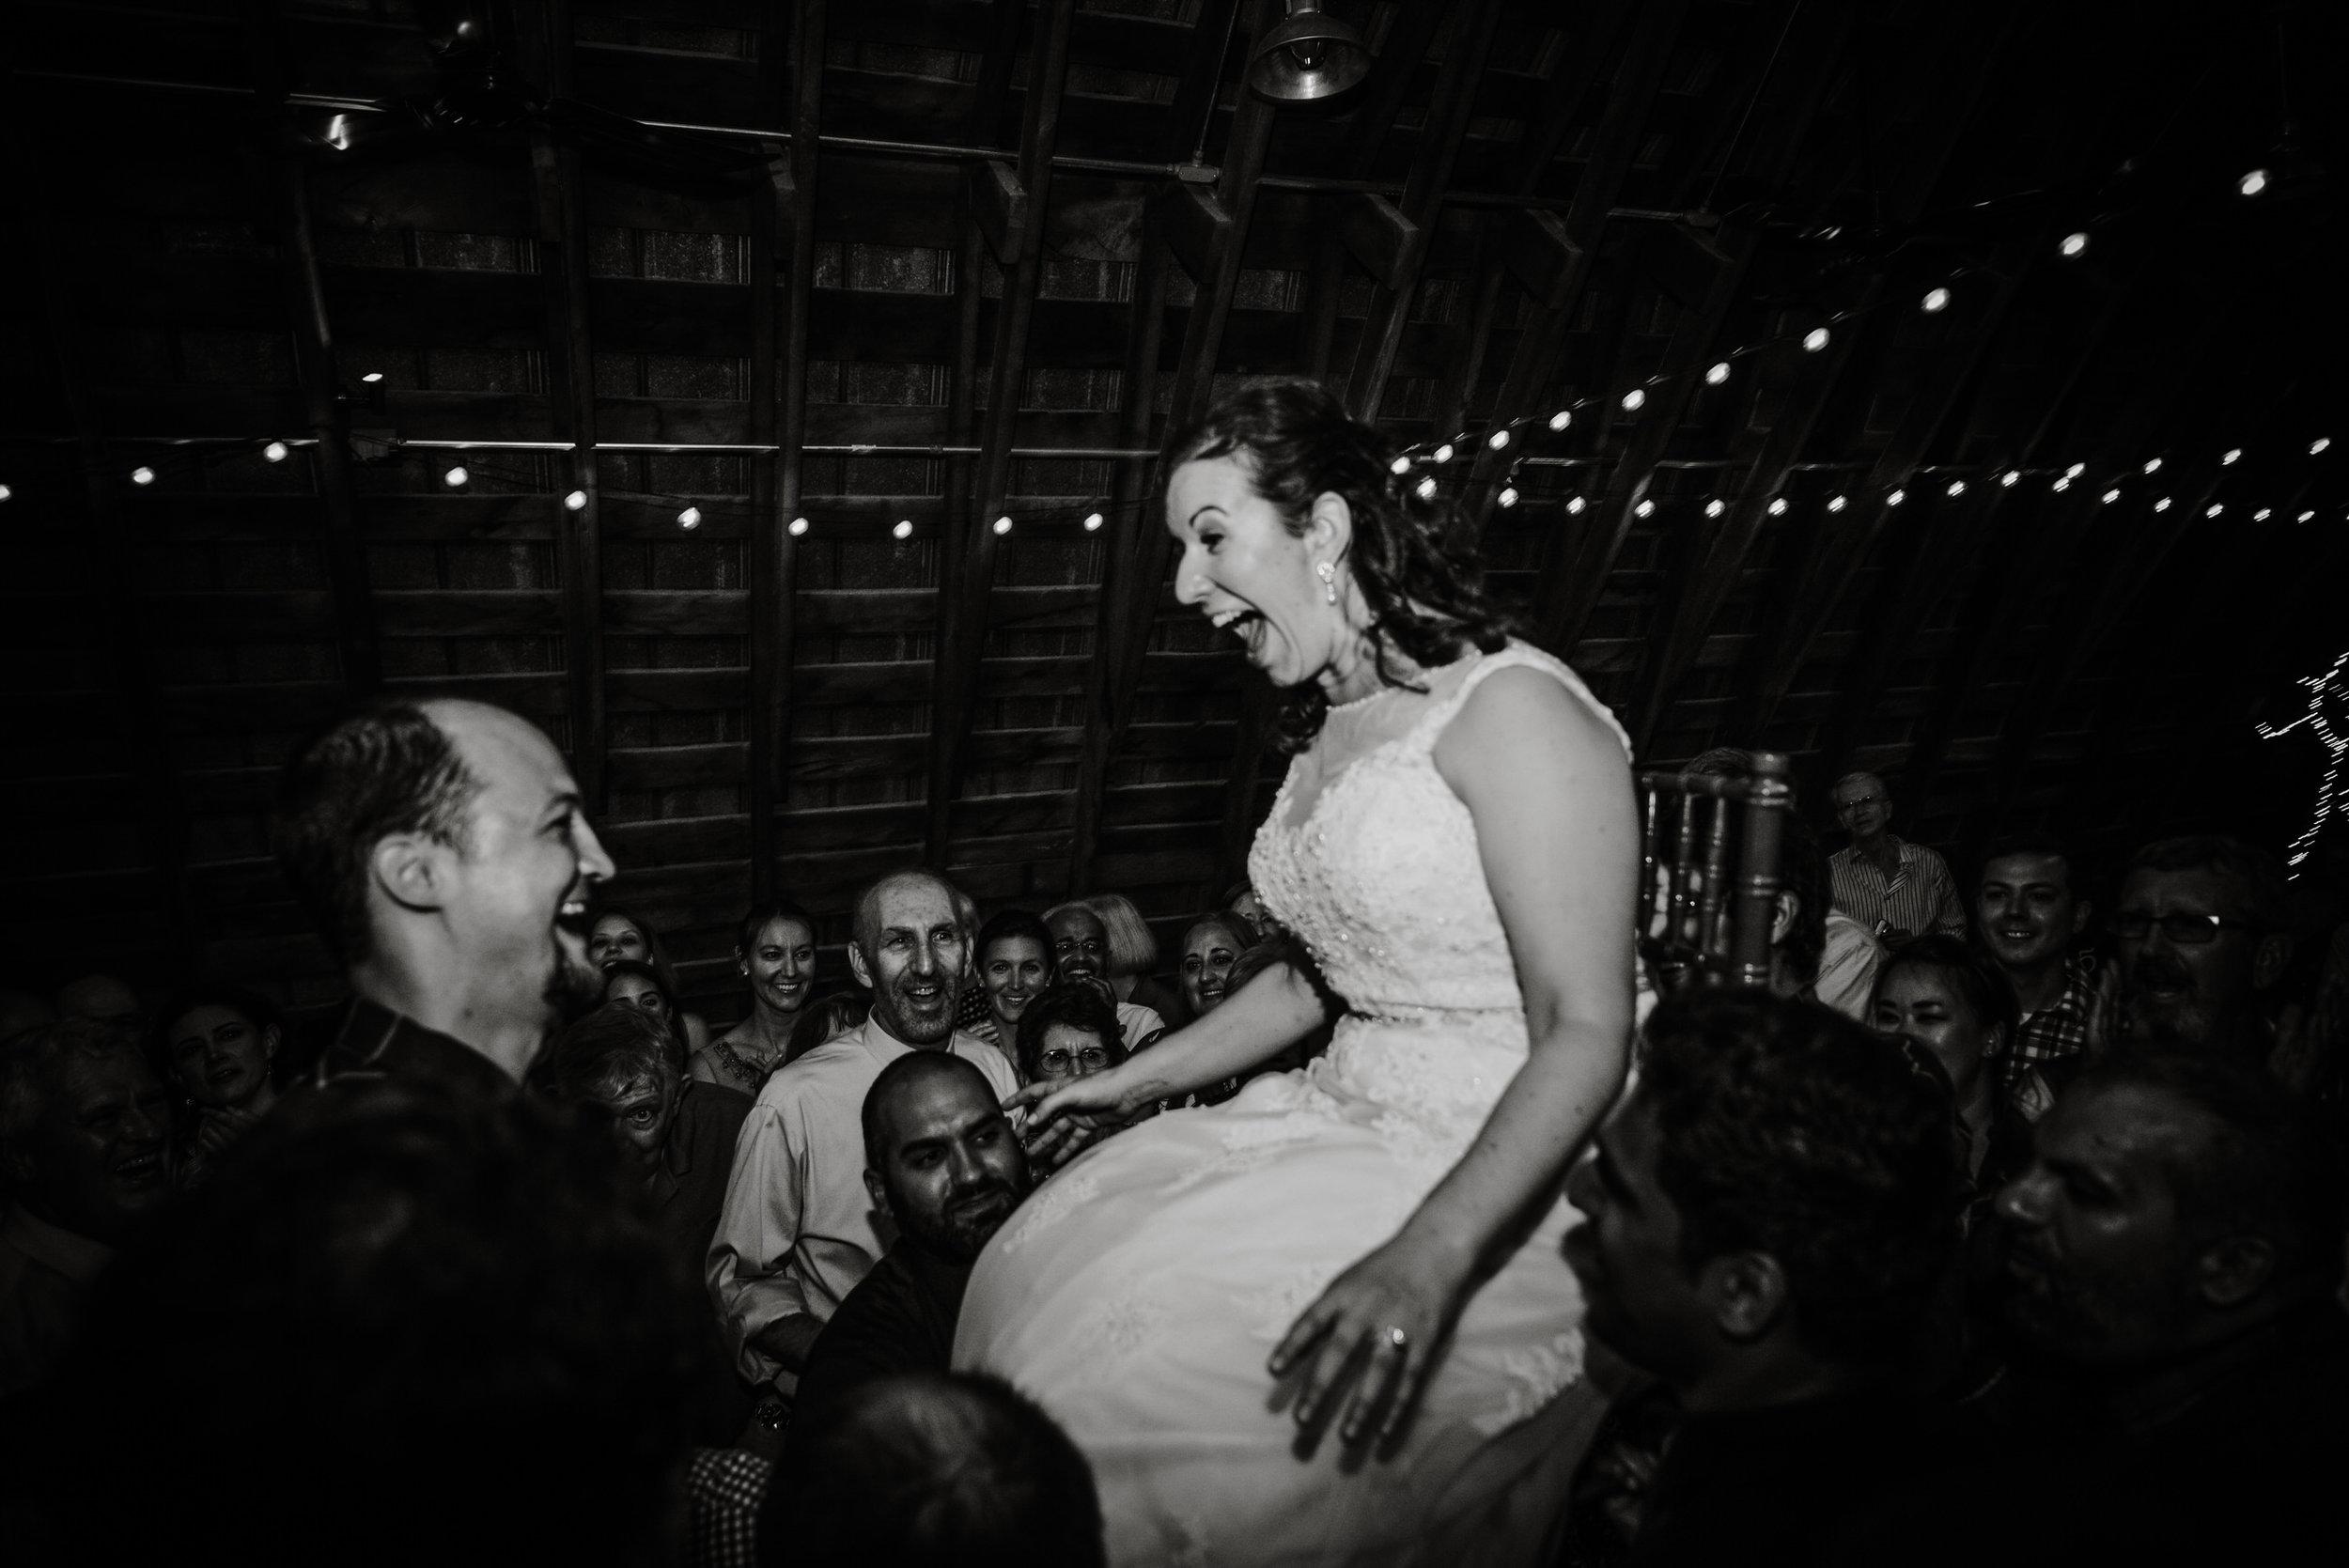 EastLynnFarmWedding-Stephanie&Aaron-Reception-157.jpg